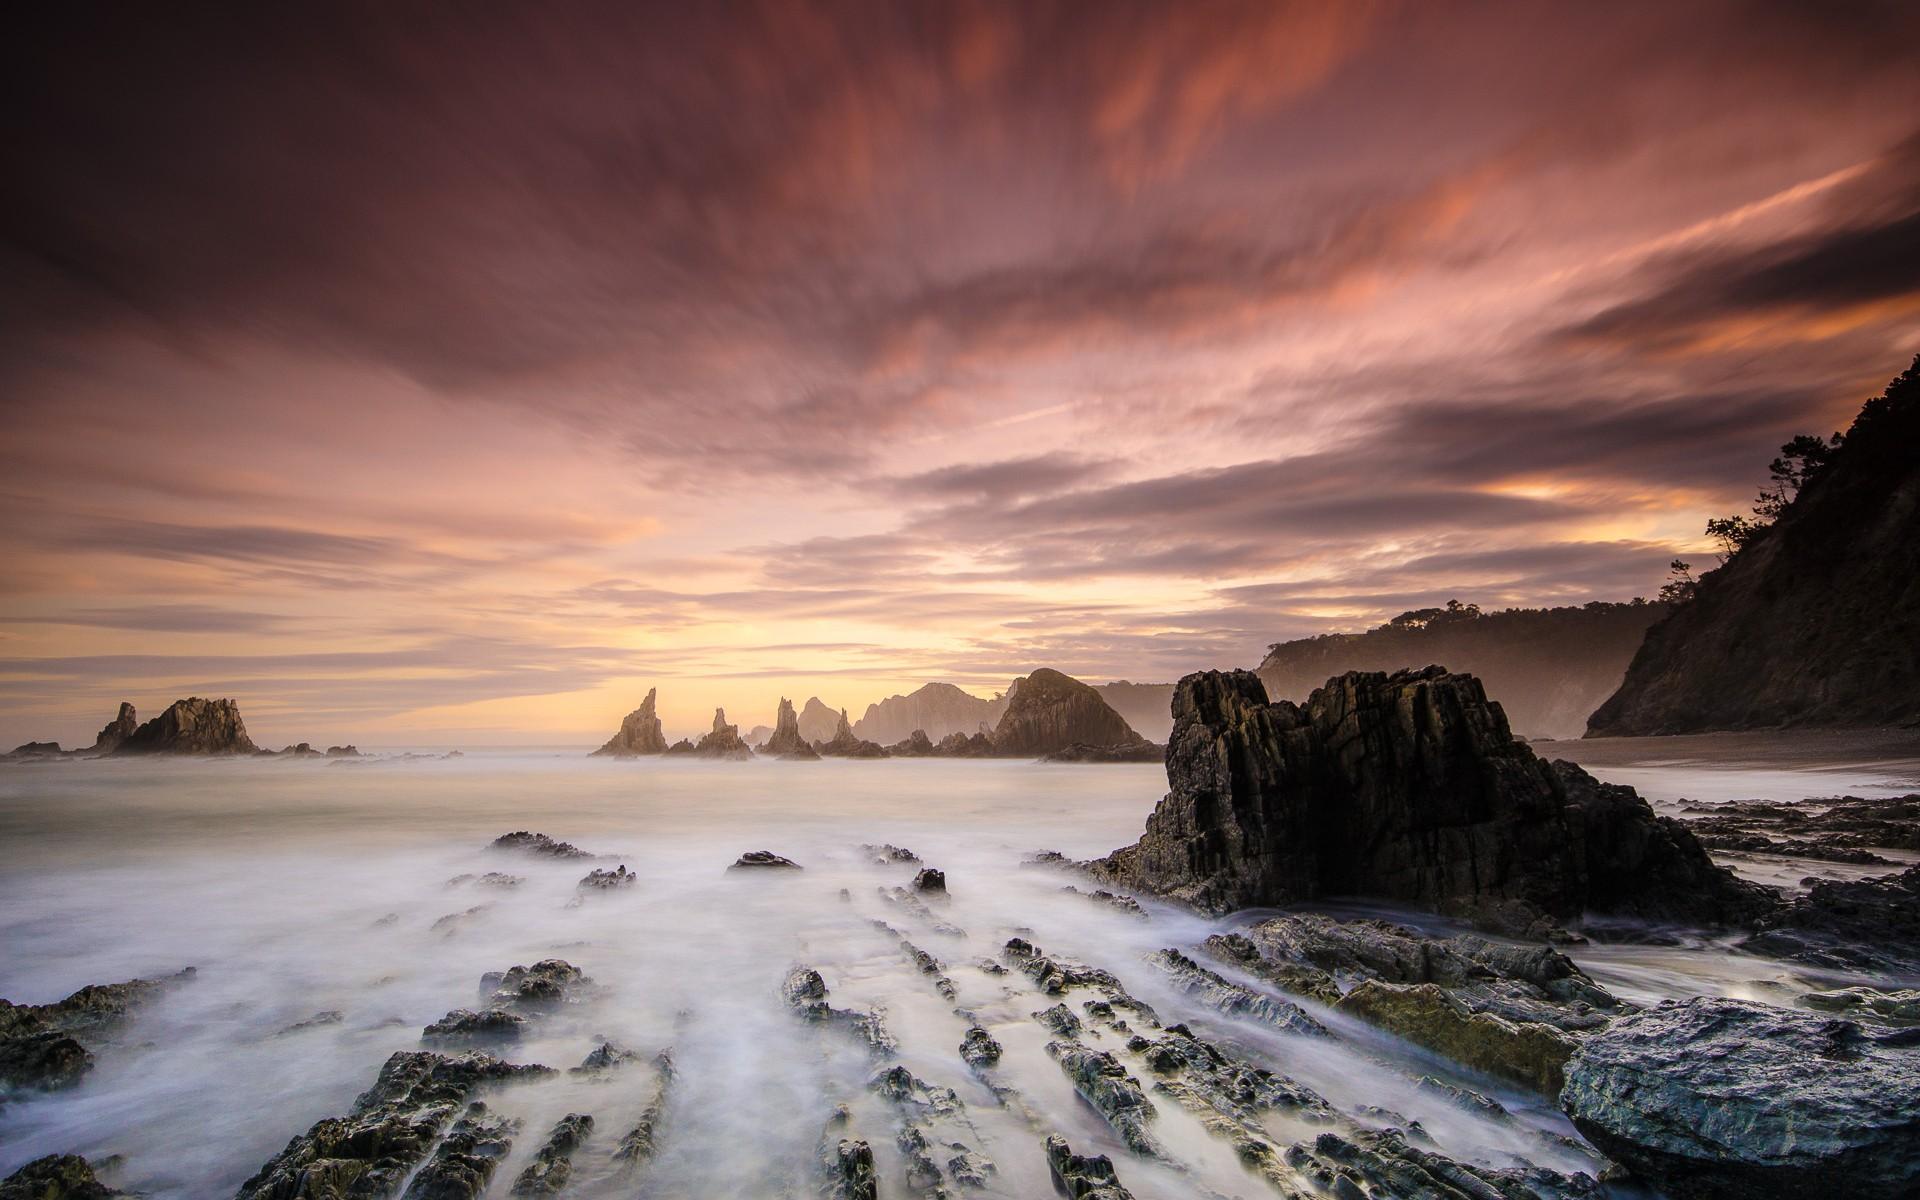 General 1920x1200 landscape rock mist sea sky sunlight nature